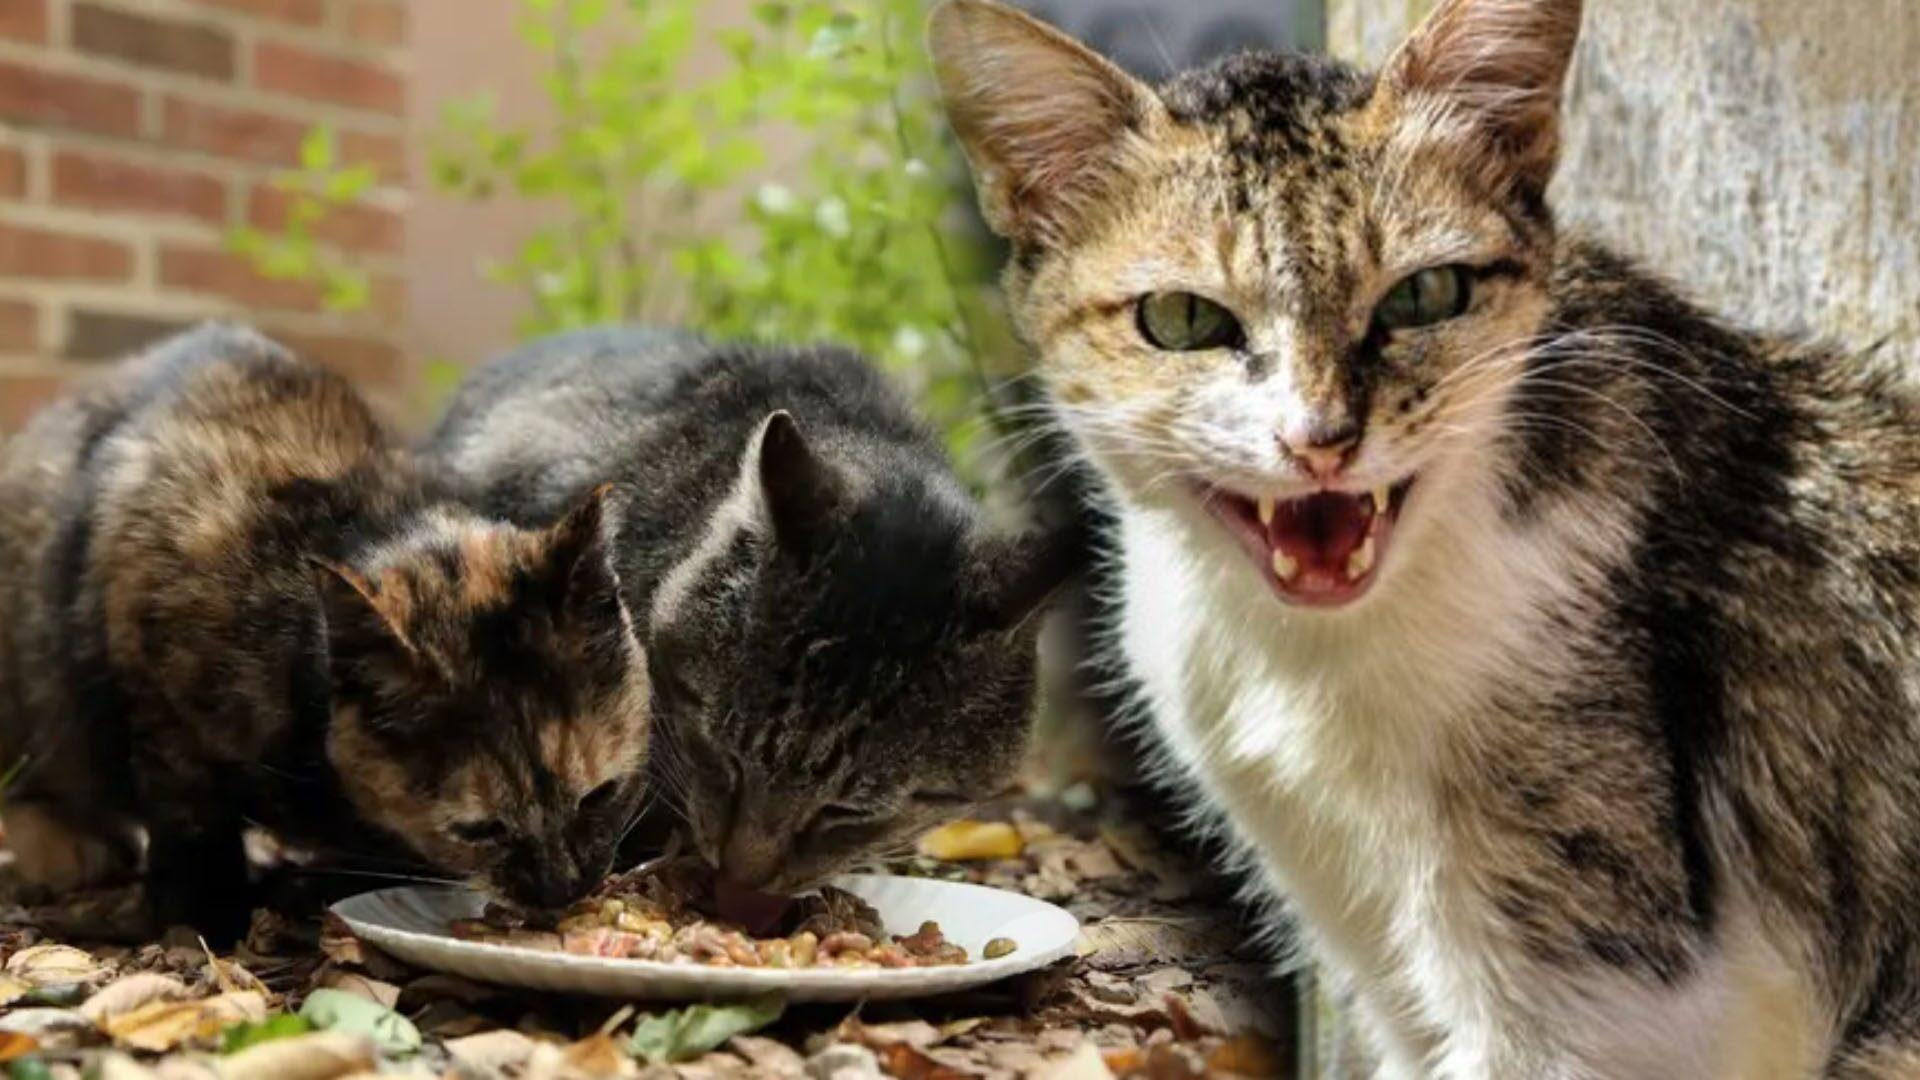 ชิคาโก ผุดไอเดียเด็ด ปล่อยแมว 1,000 ตัว จัดการปัญหาหนูล้นเมือง